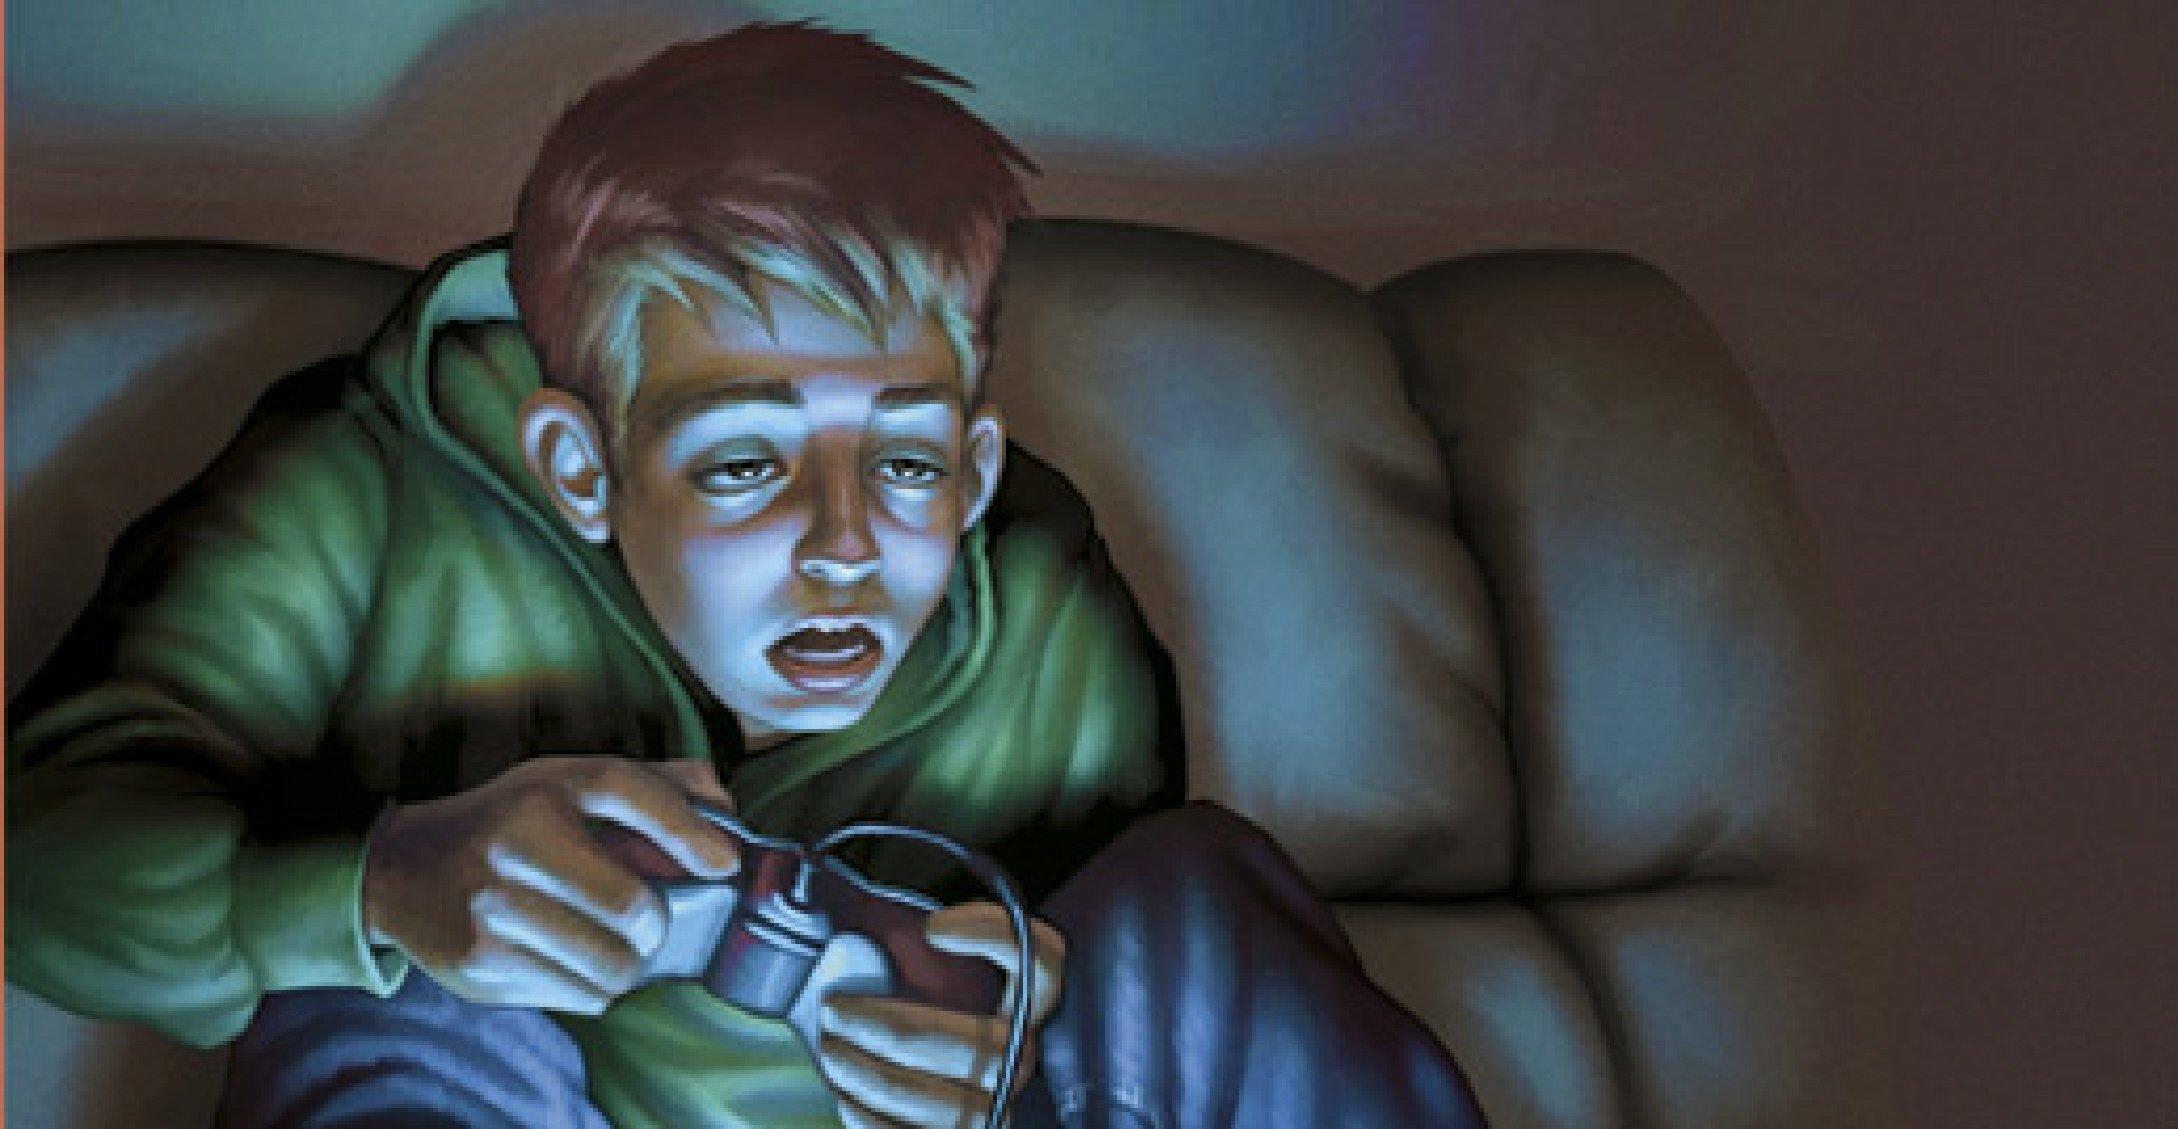 игровая журналистика игрожур петр сальников игровые журналисты отвратительные мужики disgusting men